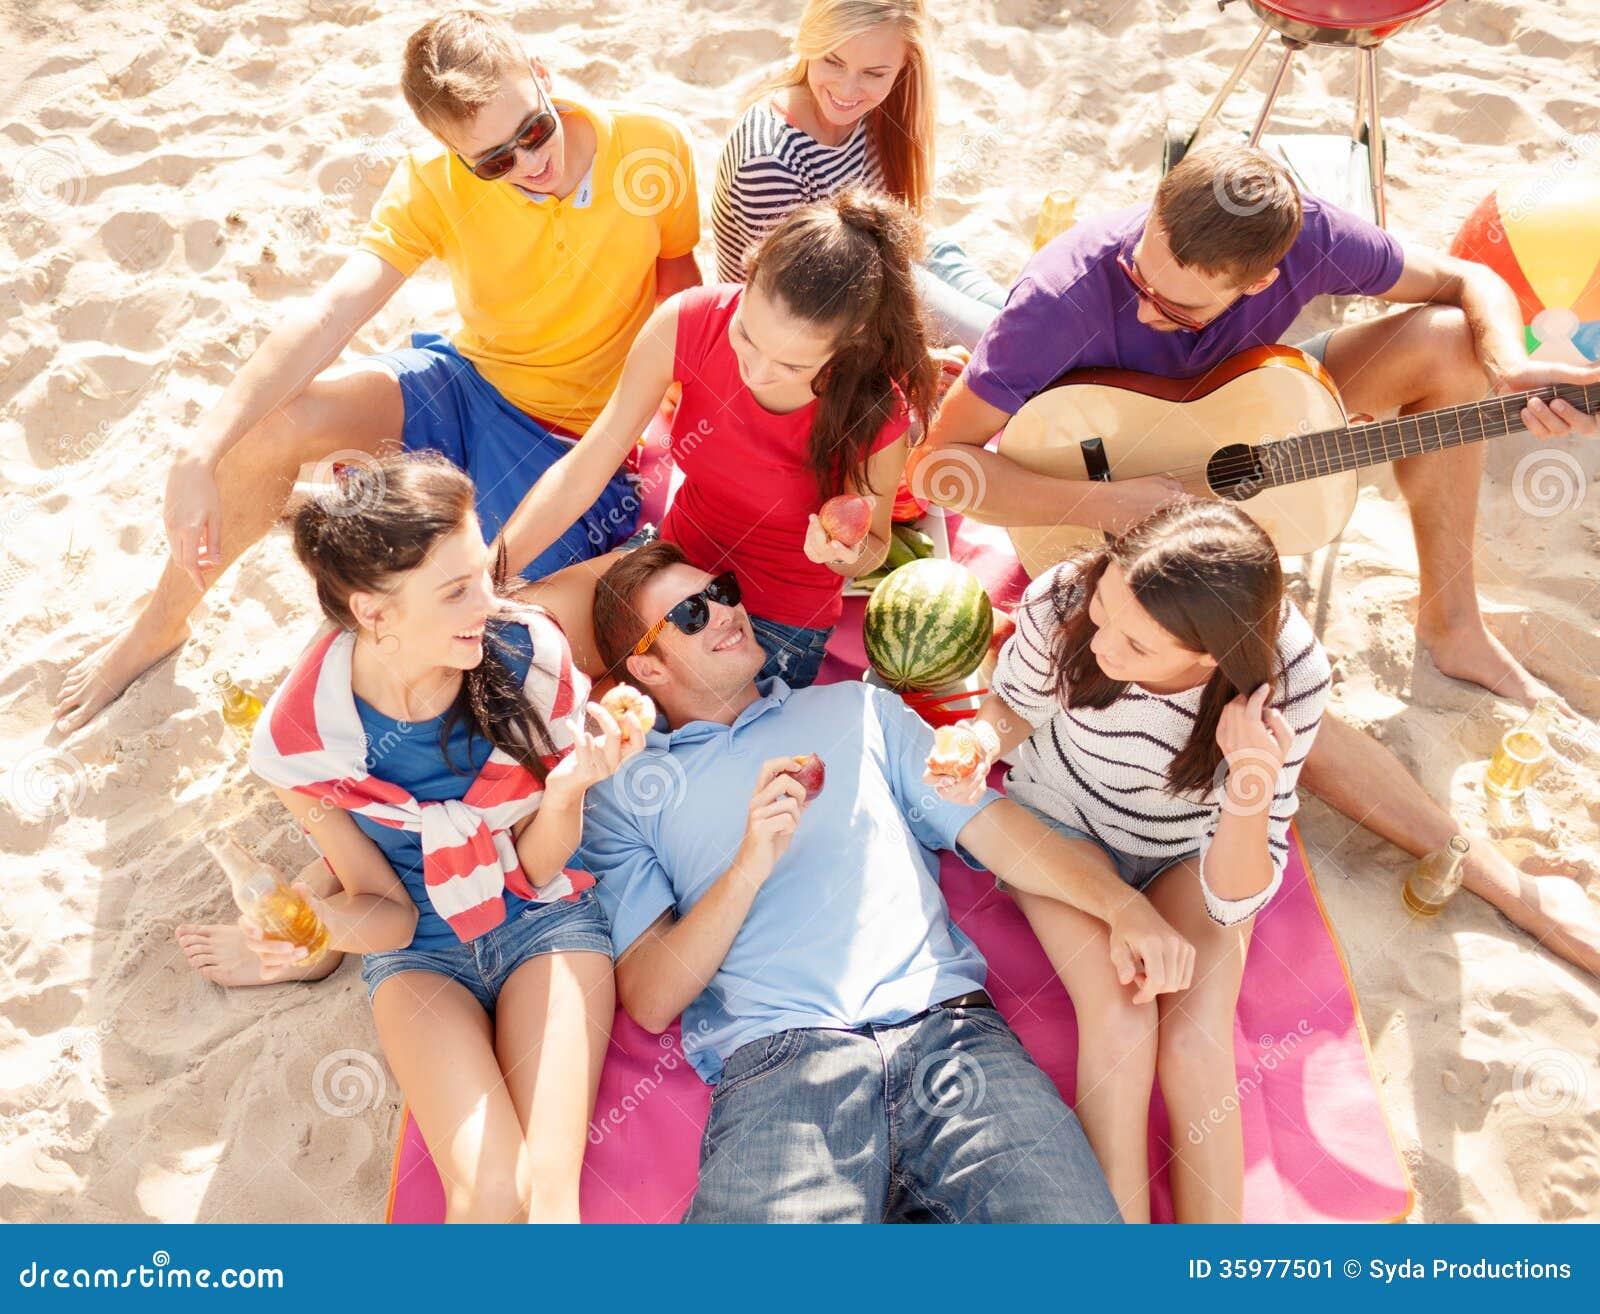 Студенты на пикниках 25 фотография